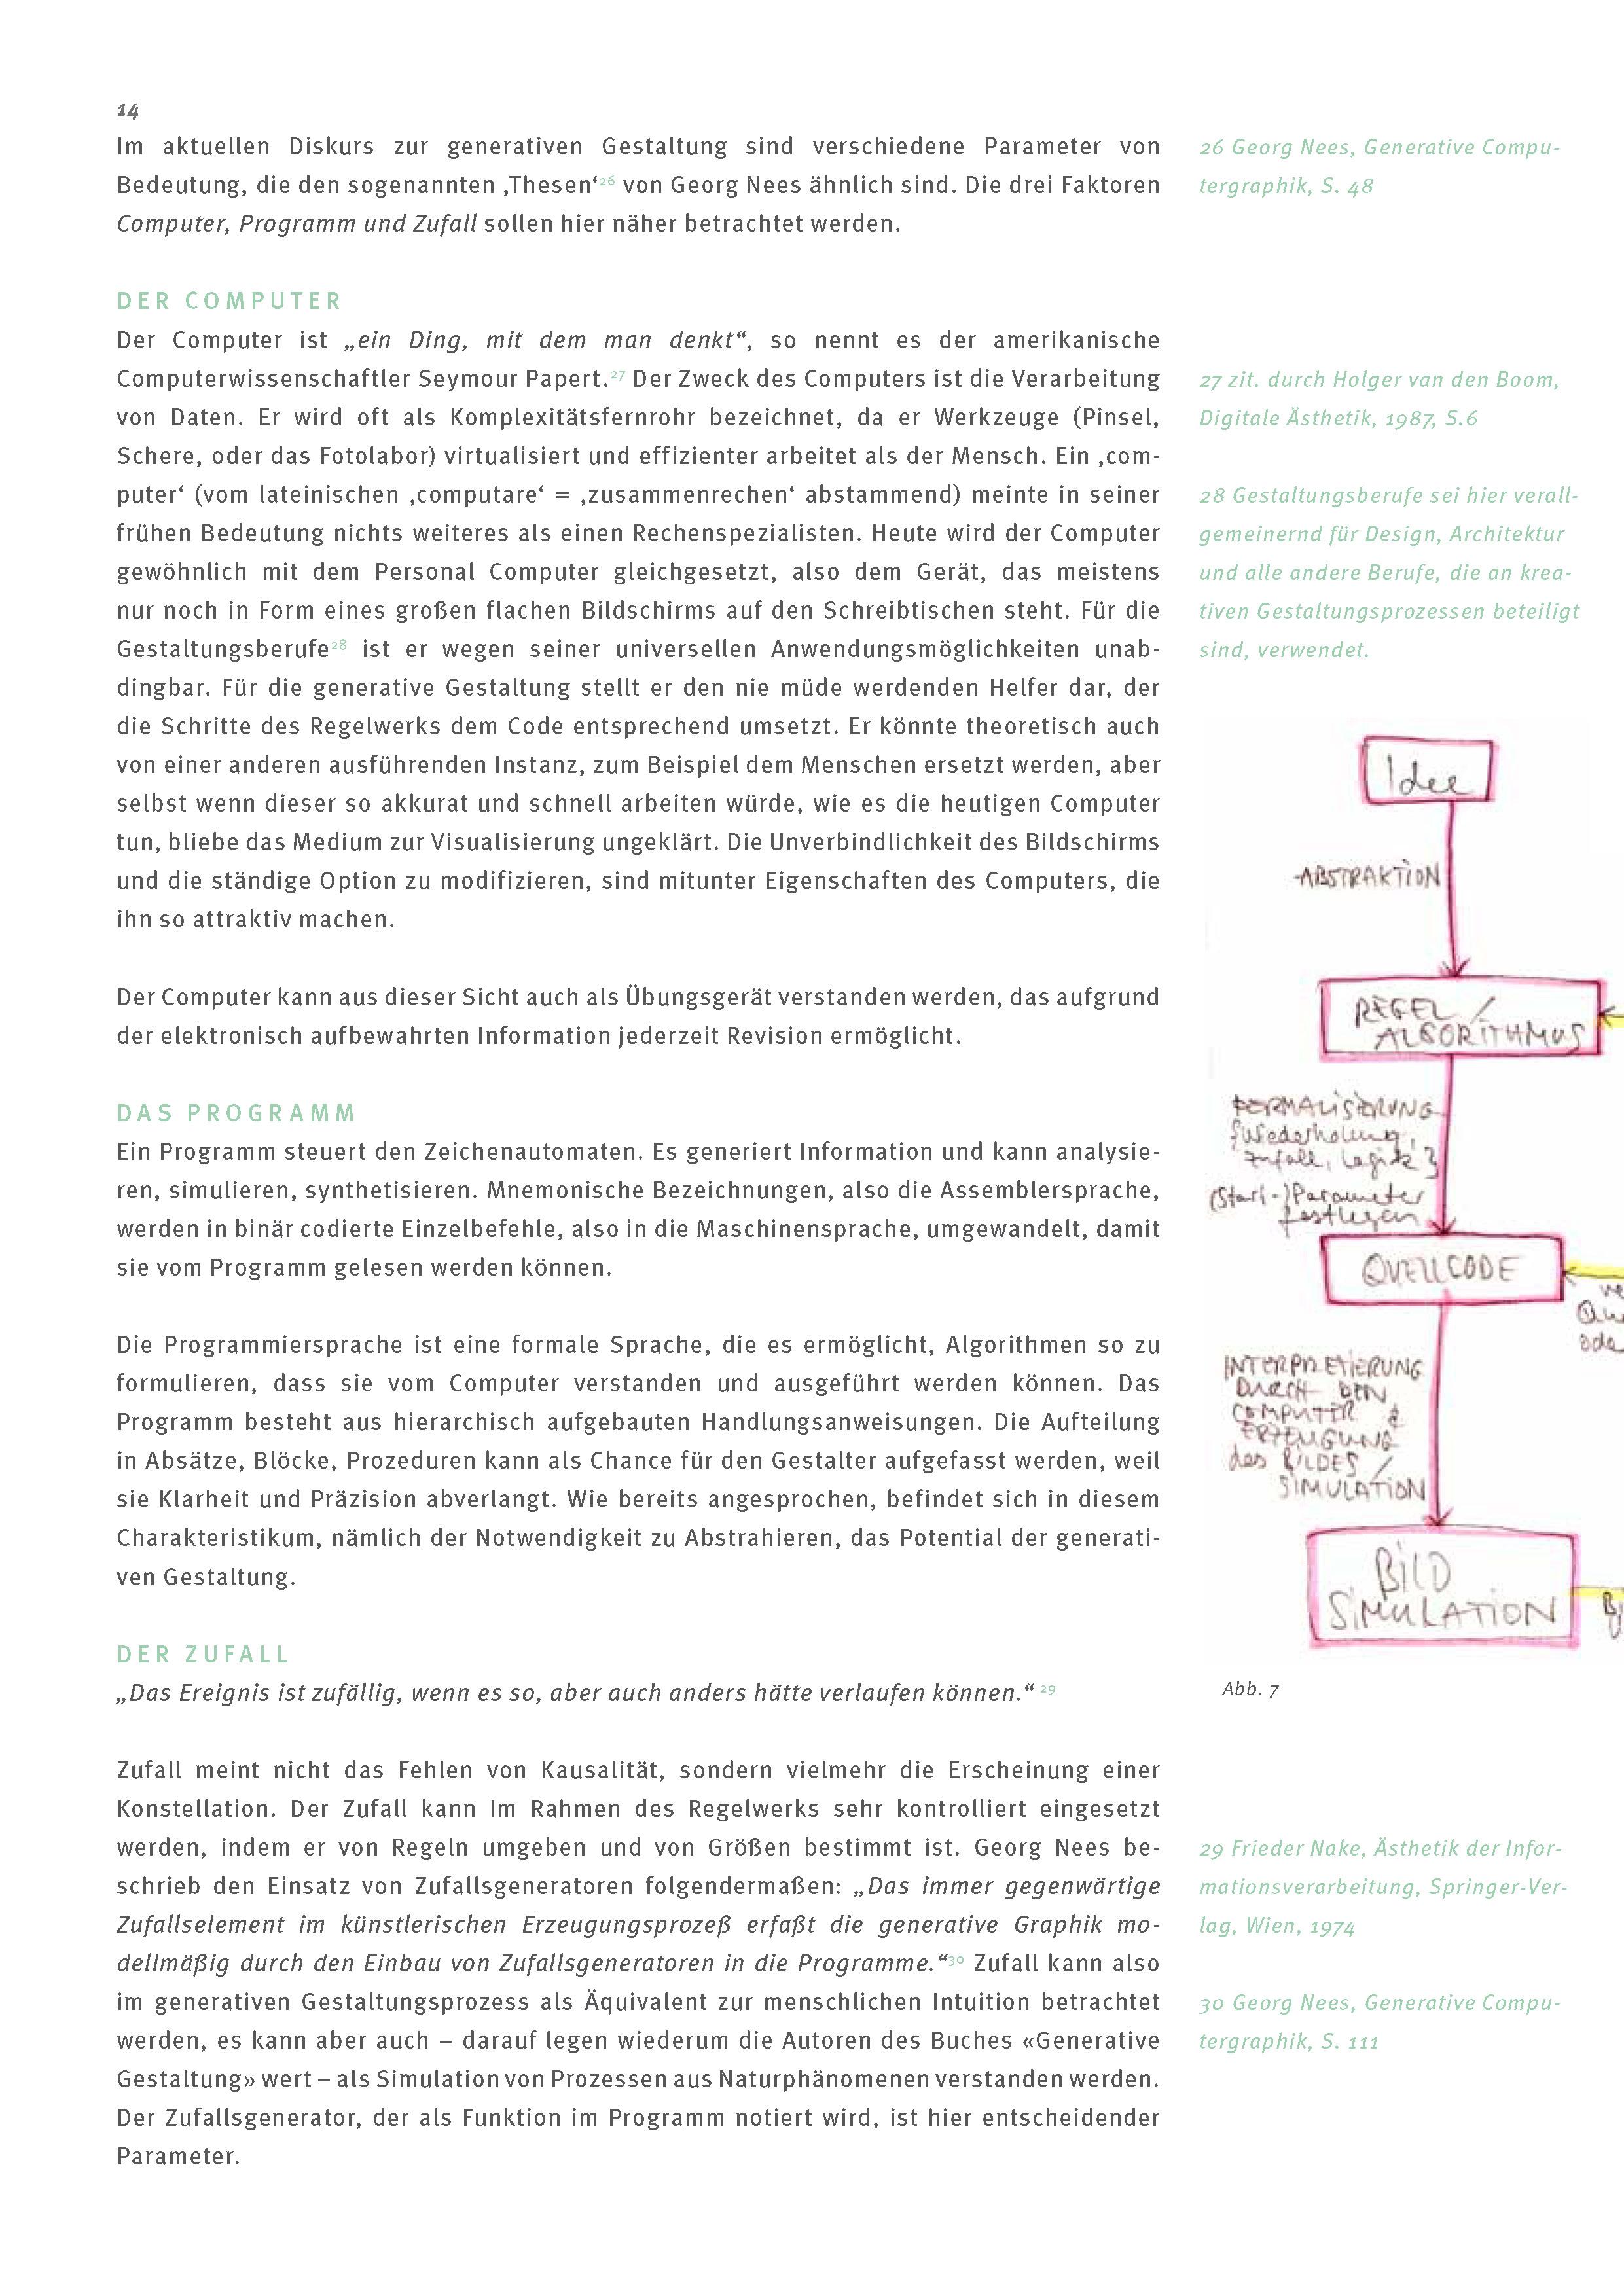 Generative Gestaltung-eine Entwurfsmethode_Einzelseiten_Seite_14.jpg